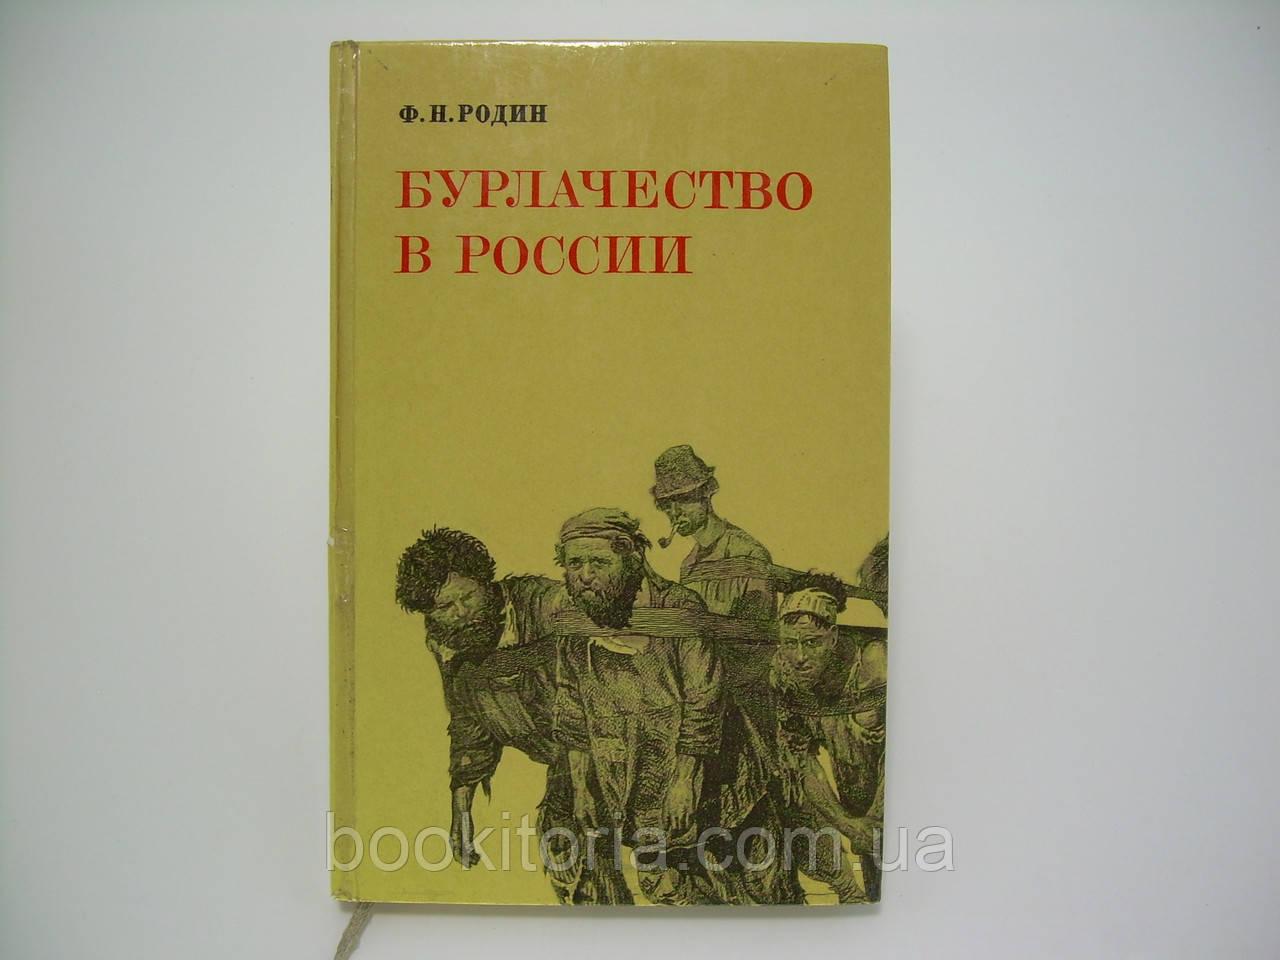 Родин Ф.Н. Бурлачество в России (б/у).